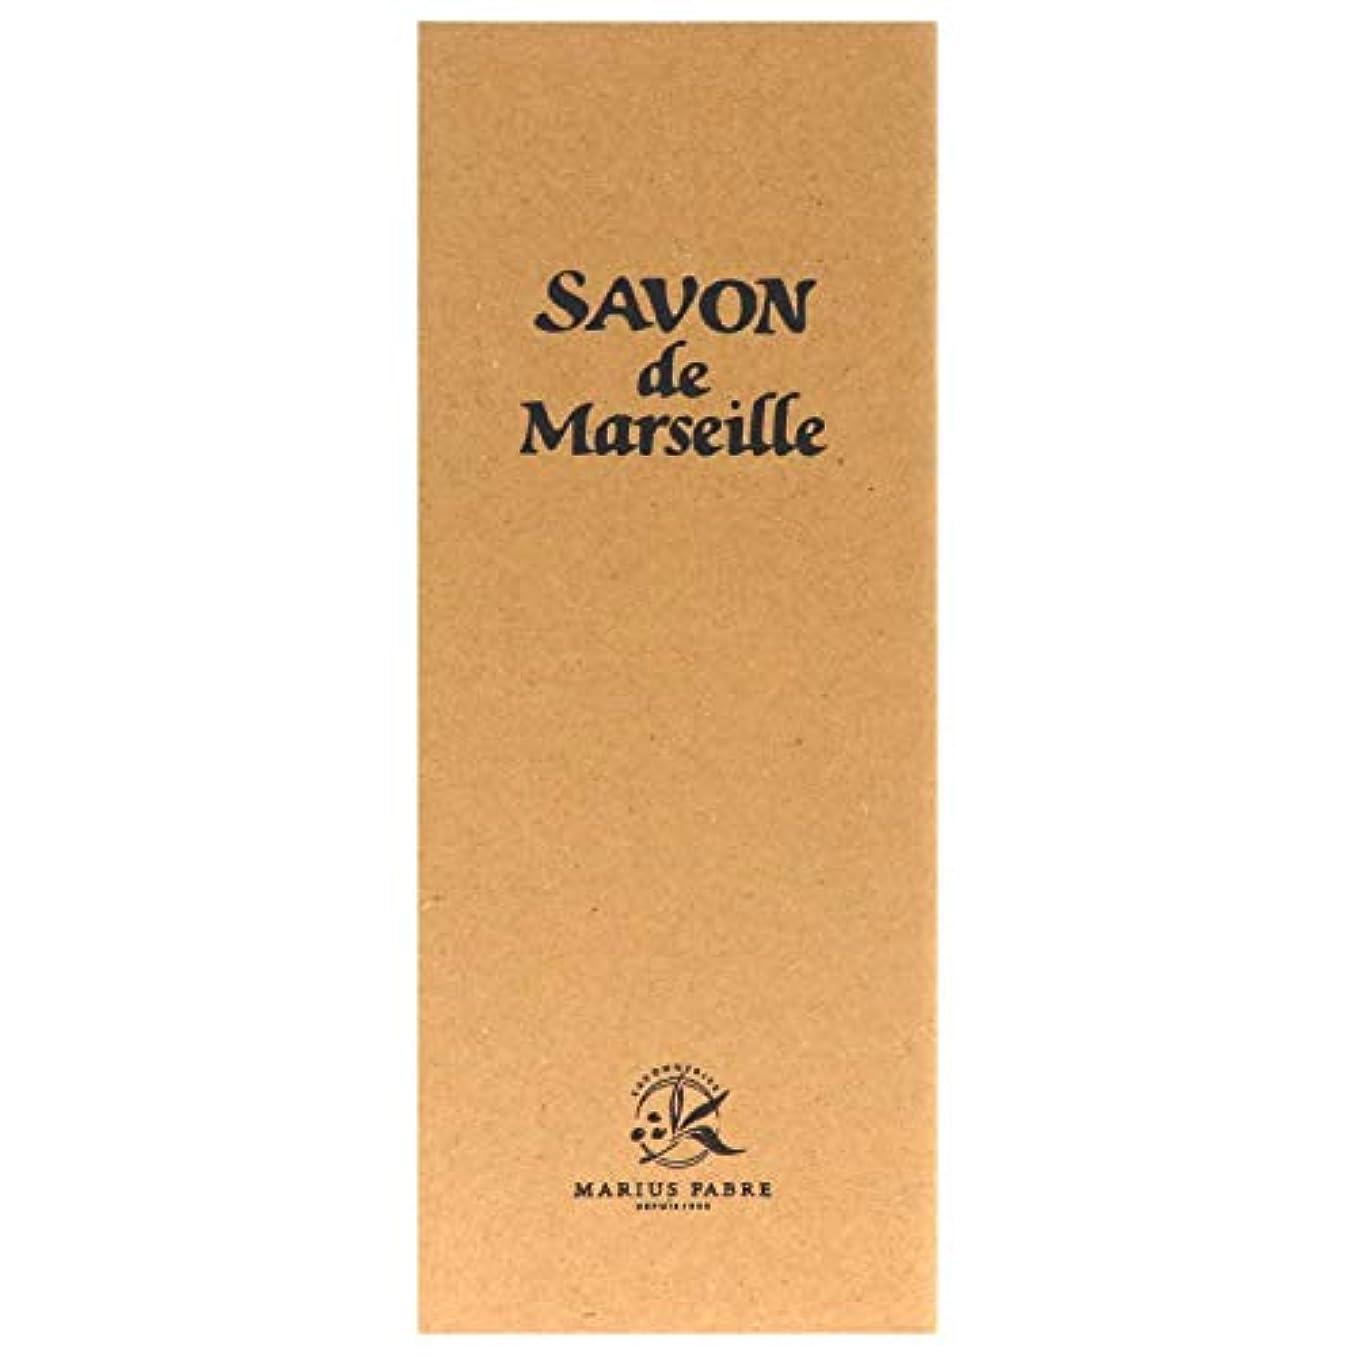 改善する教義辞書サボン ド マルセイユ 木箱ギフト オリーブ